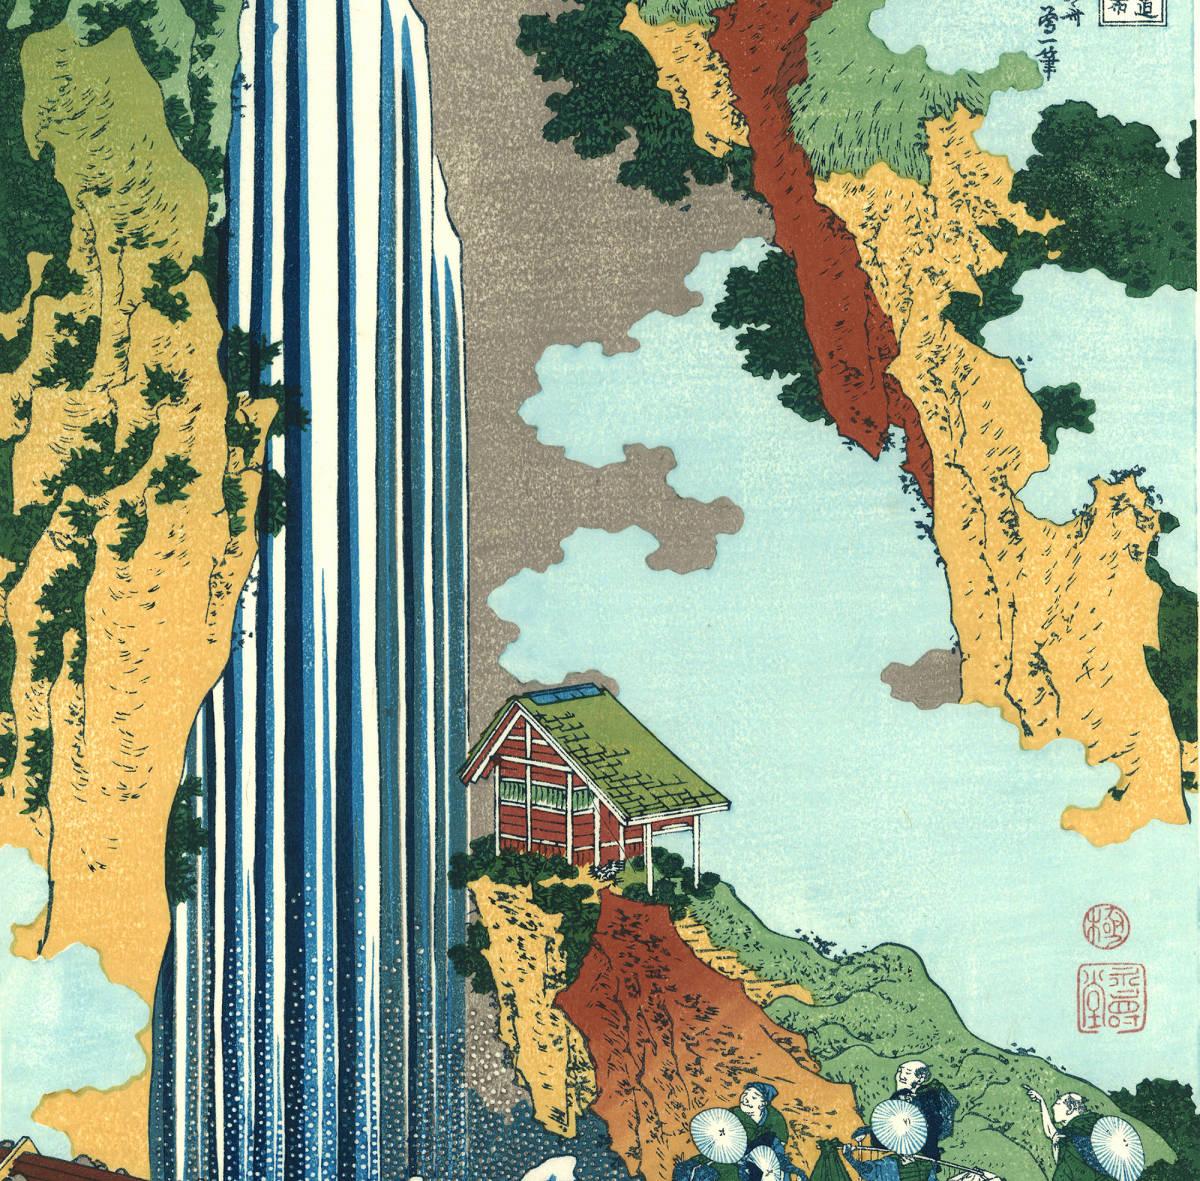 葛飾北斎 (Katsushika Hokusai) 木版画 組合版 諸国瀧廻り 木曽海道小野ノ瀑布  初版1833年(天保4年)頃  一流の職人技を是非!!_画像6